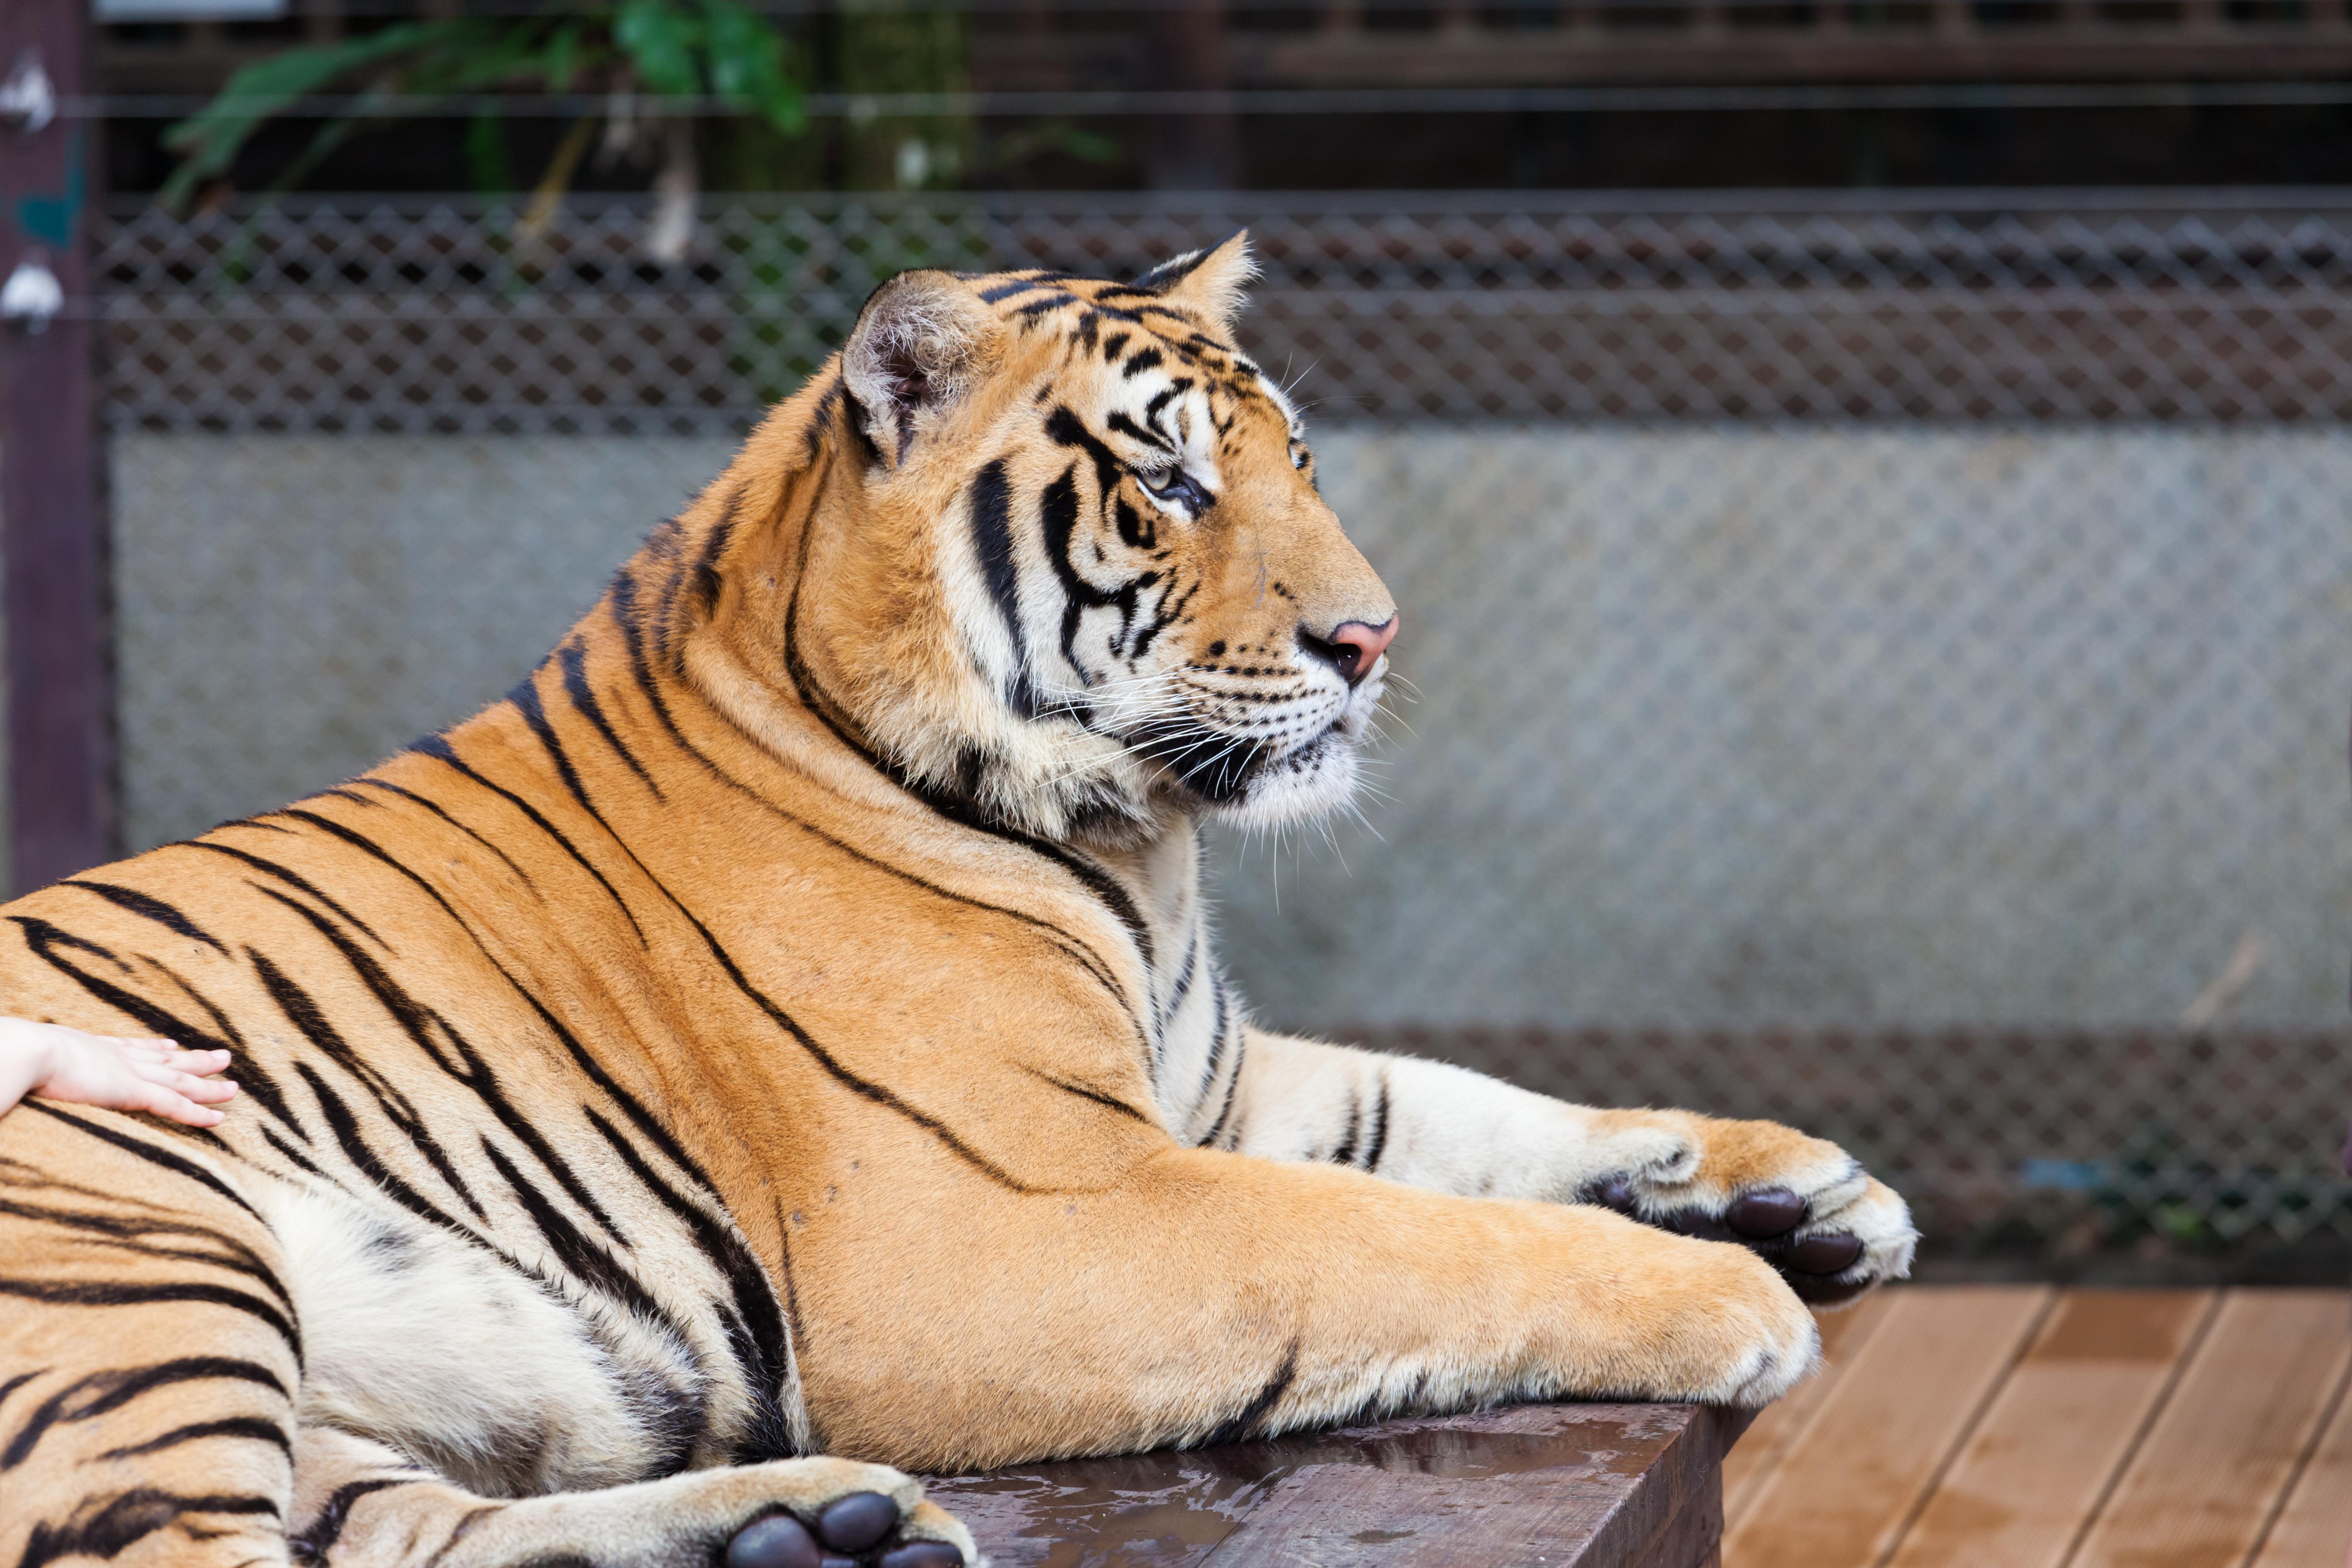 ¿Alguna vez has tocado un tigre? - Tailandia Gran Viaje Bangkok y Phuket